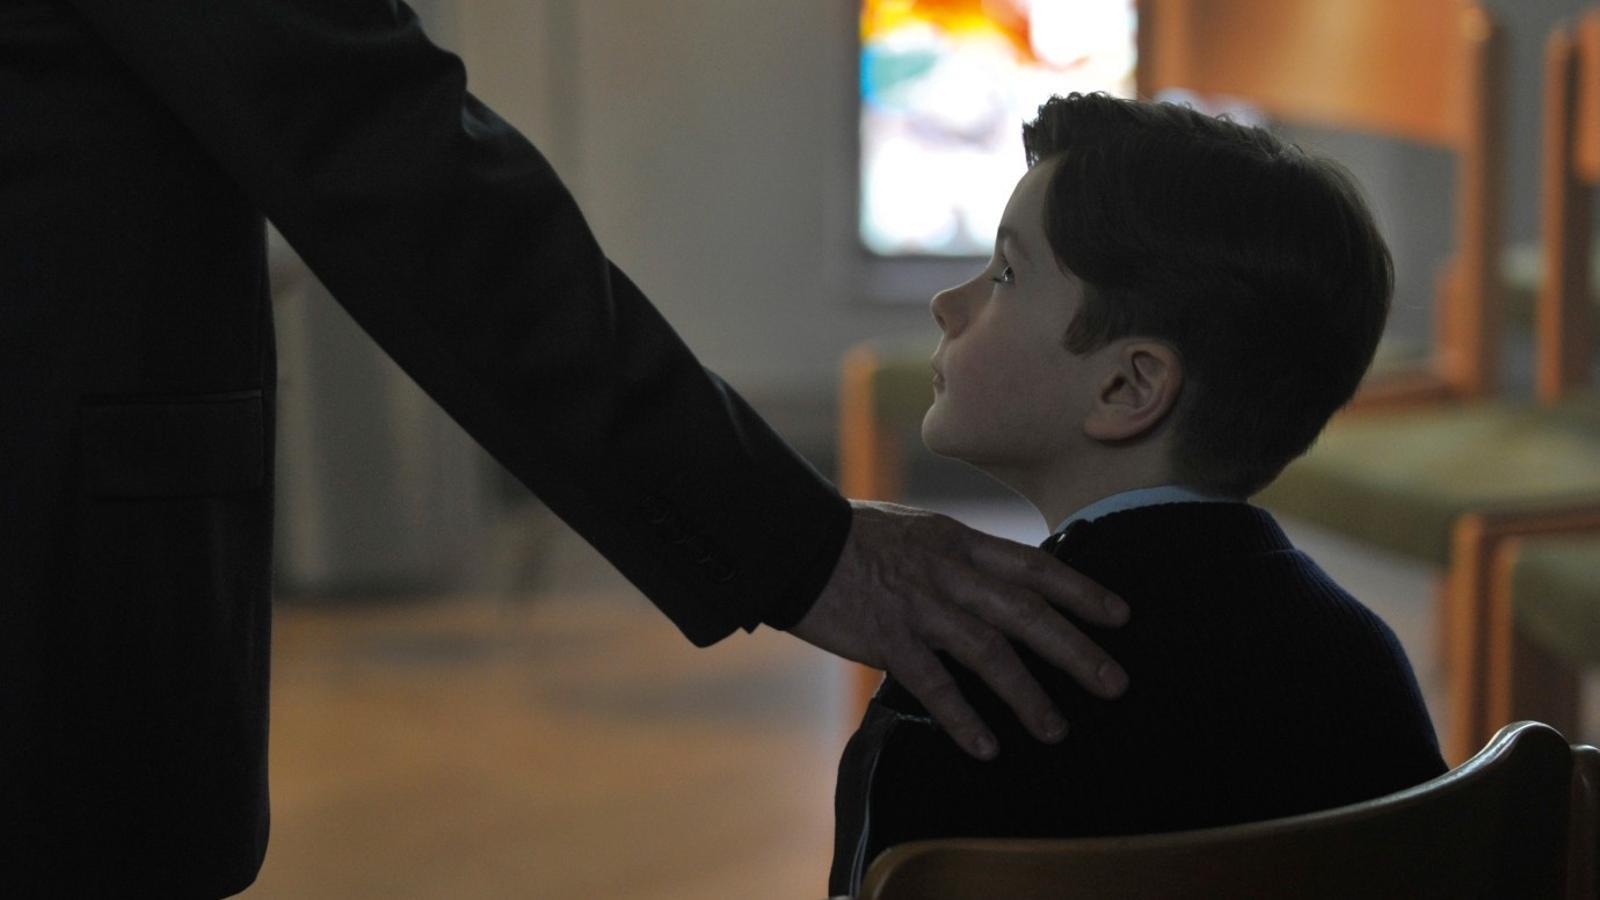 L'estrena del nou film de François Ozon, a l'espera d'una decisió judicial